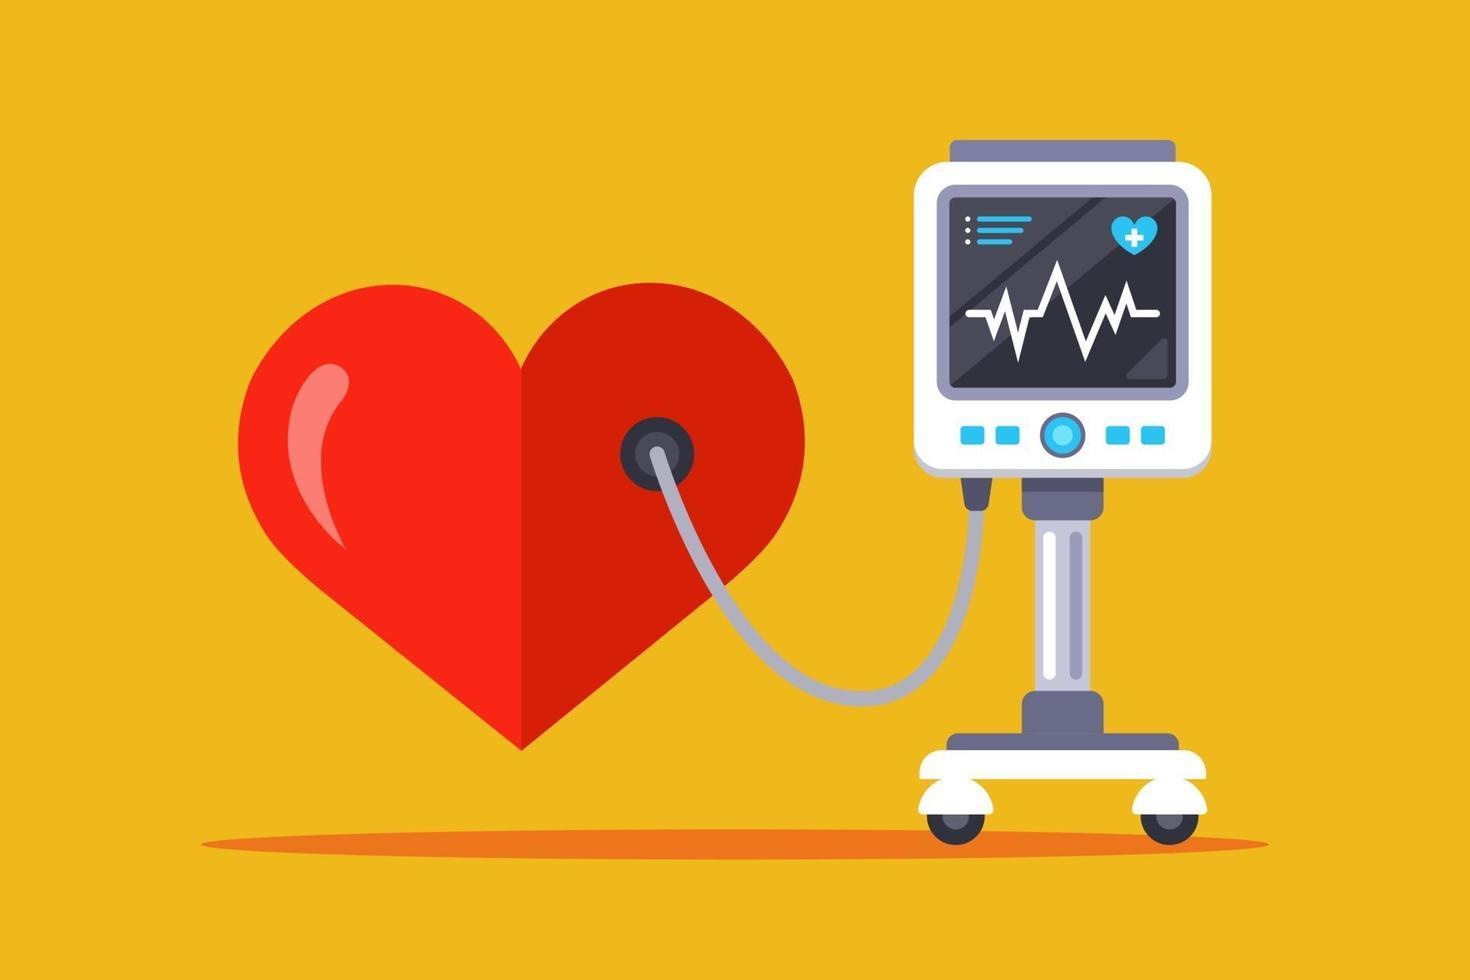 equipamento médico para medir a frequência cardíaca. ilustração vetorial plana vetor